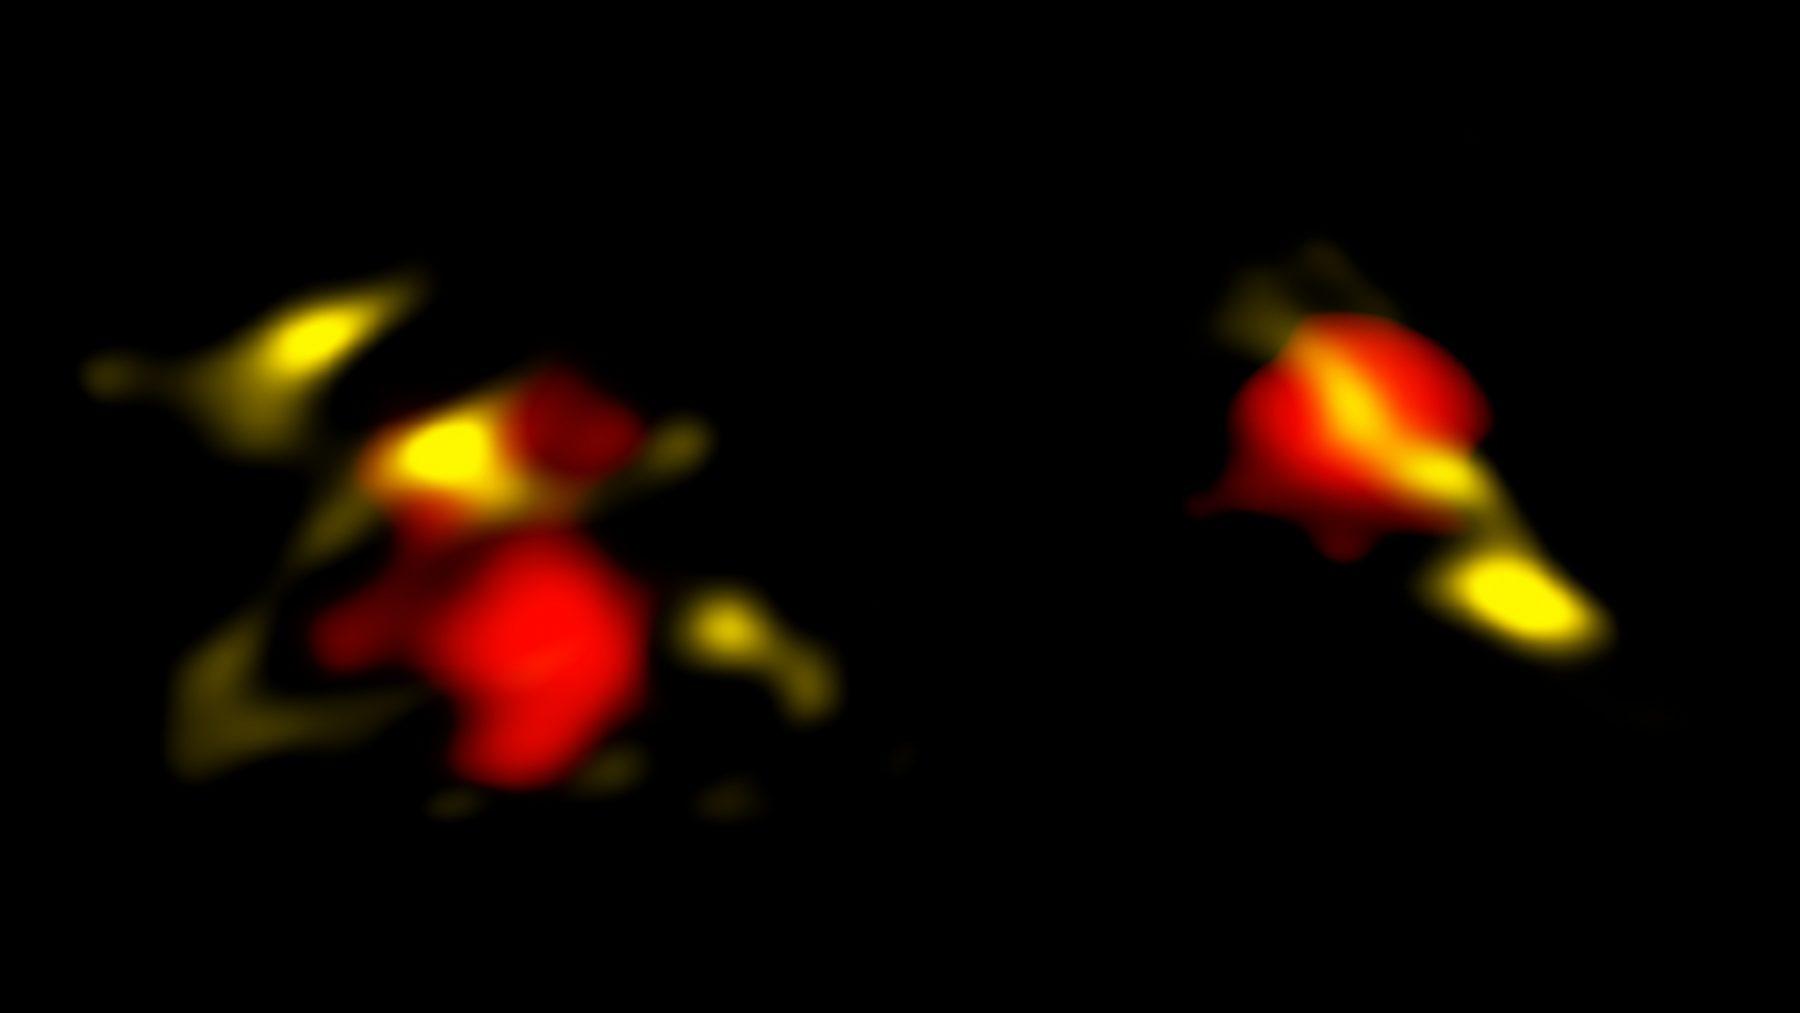 成熟していた若い銀河たち